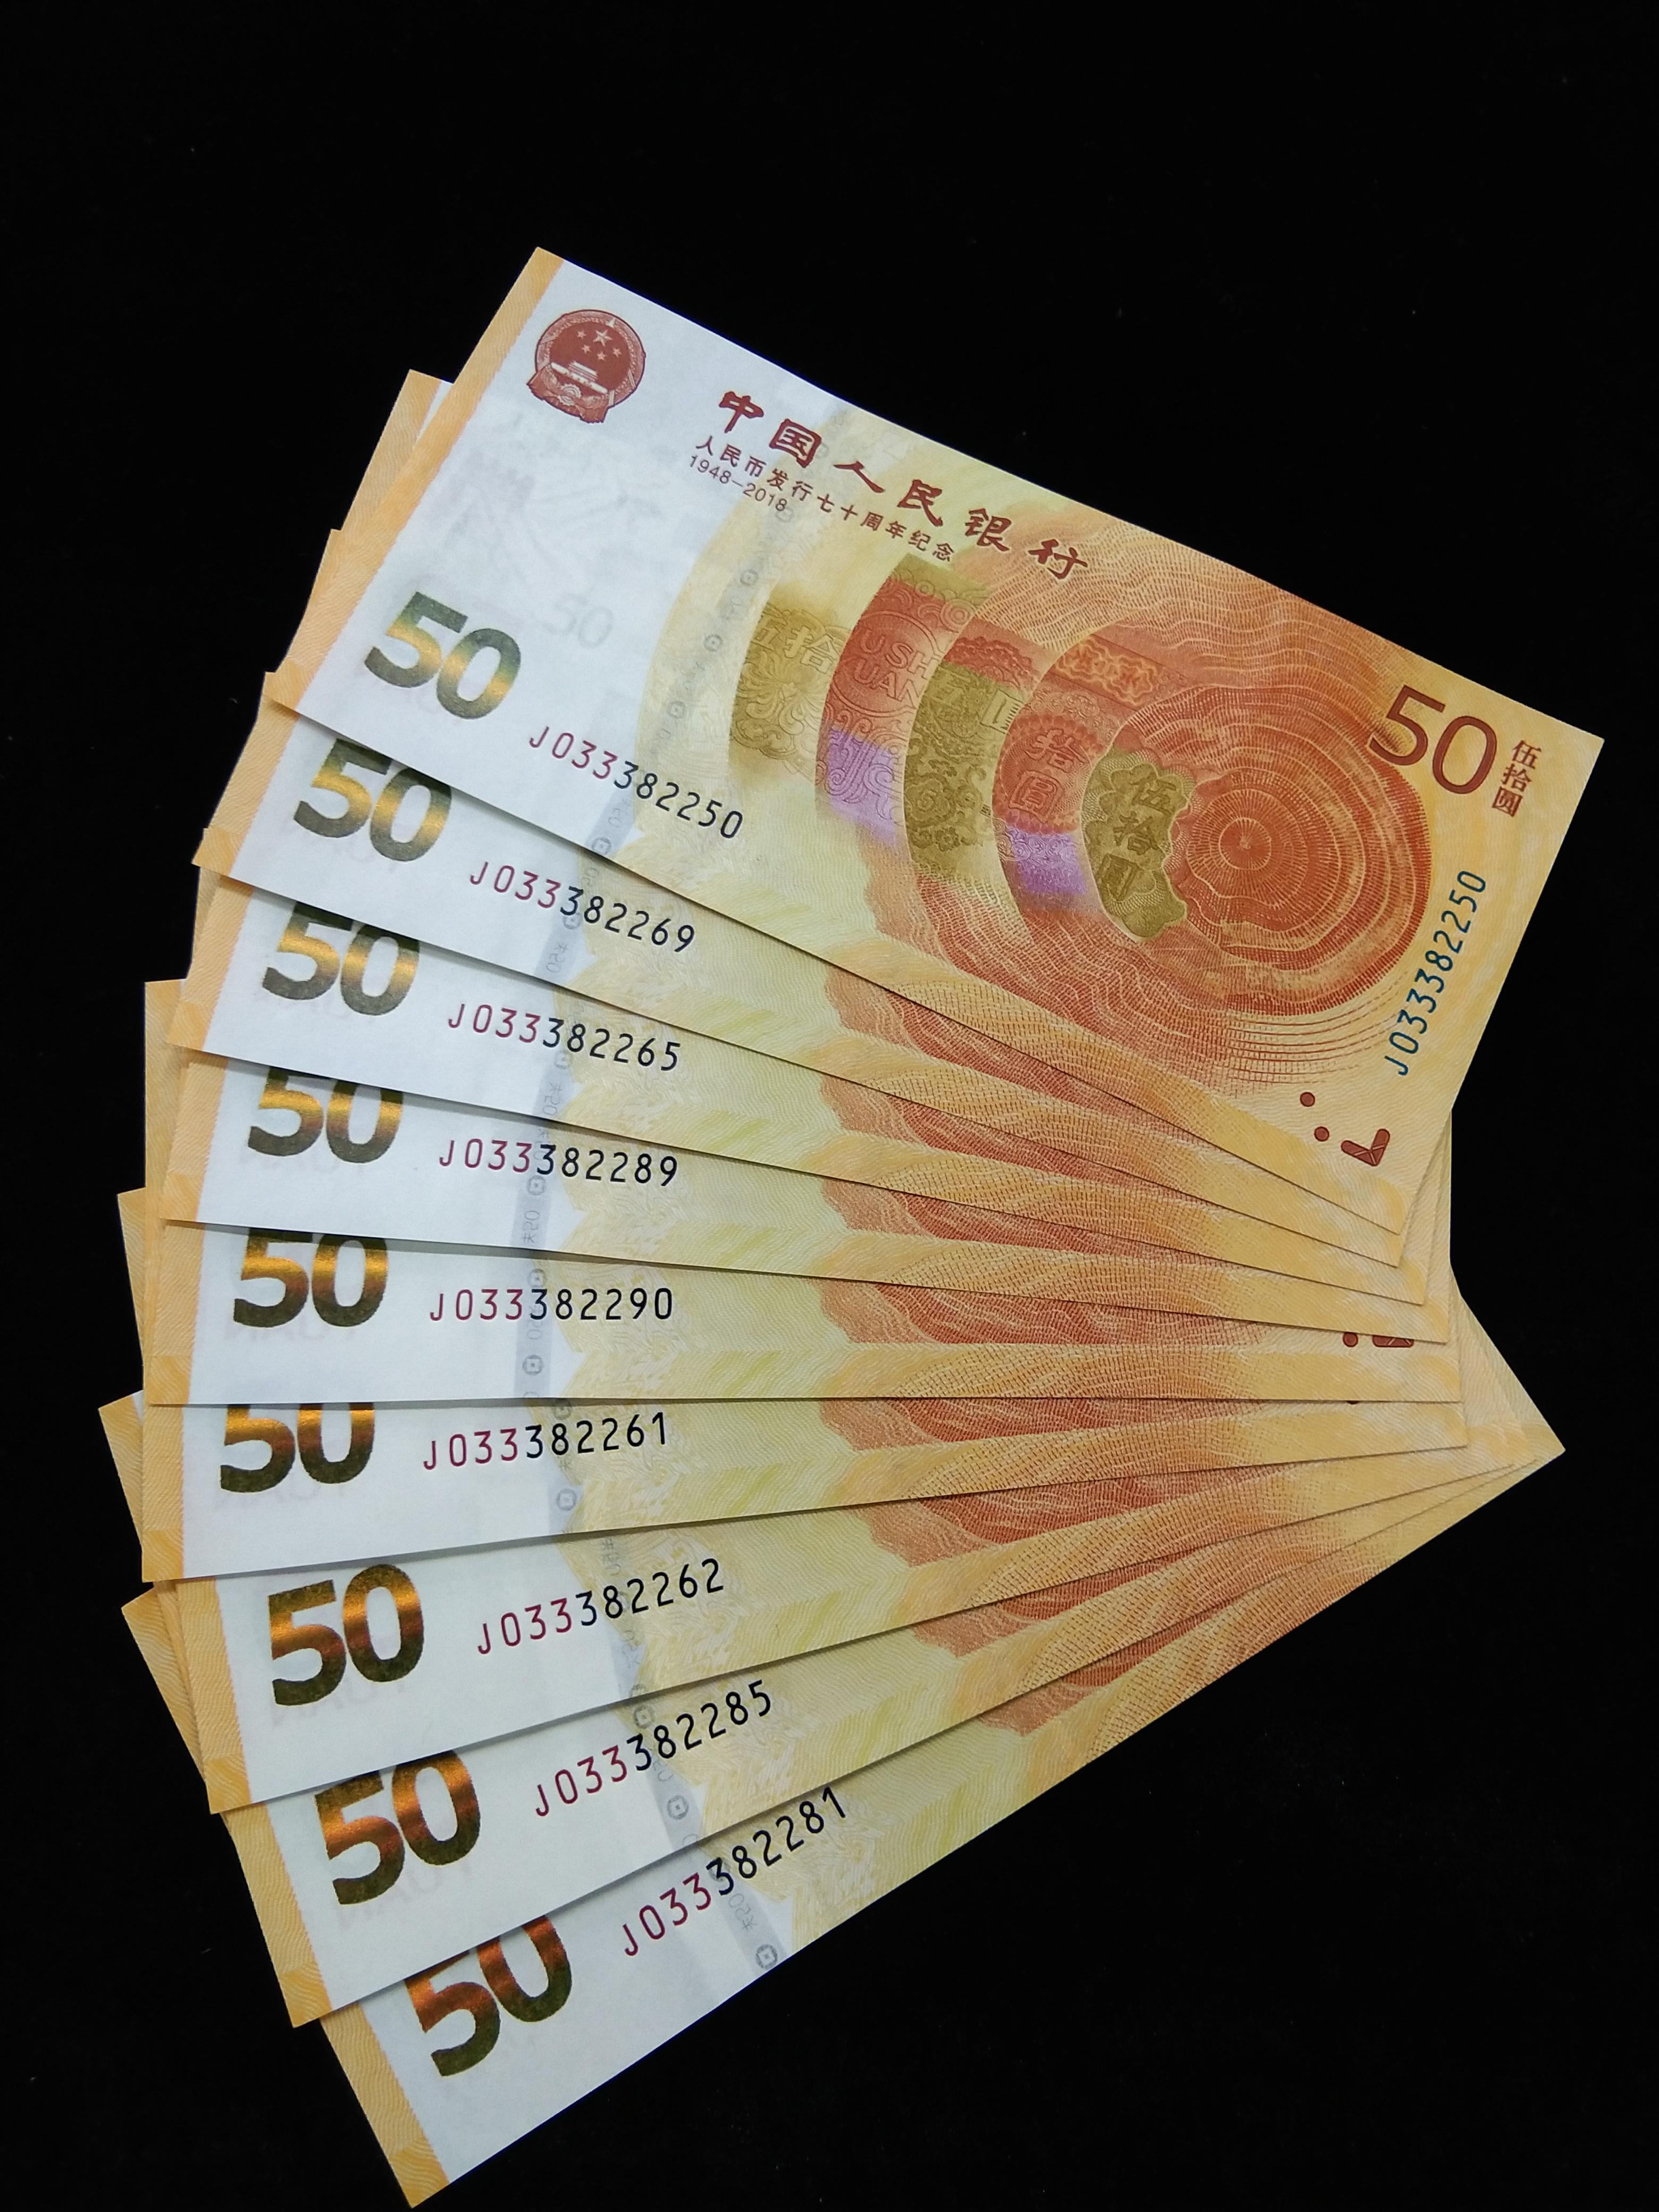 人民币发行70周年纪念钞,号码